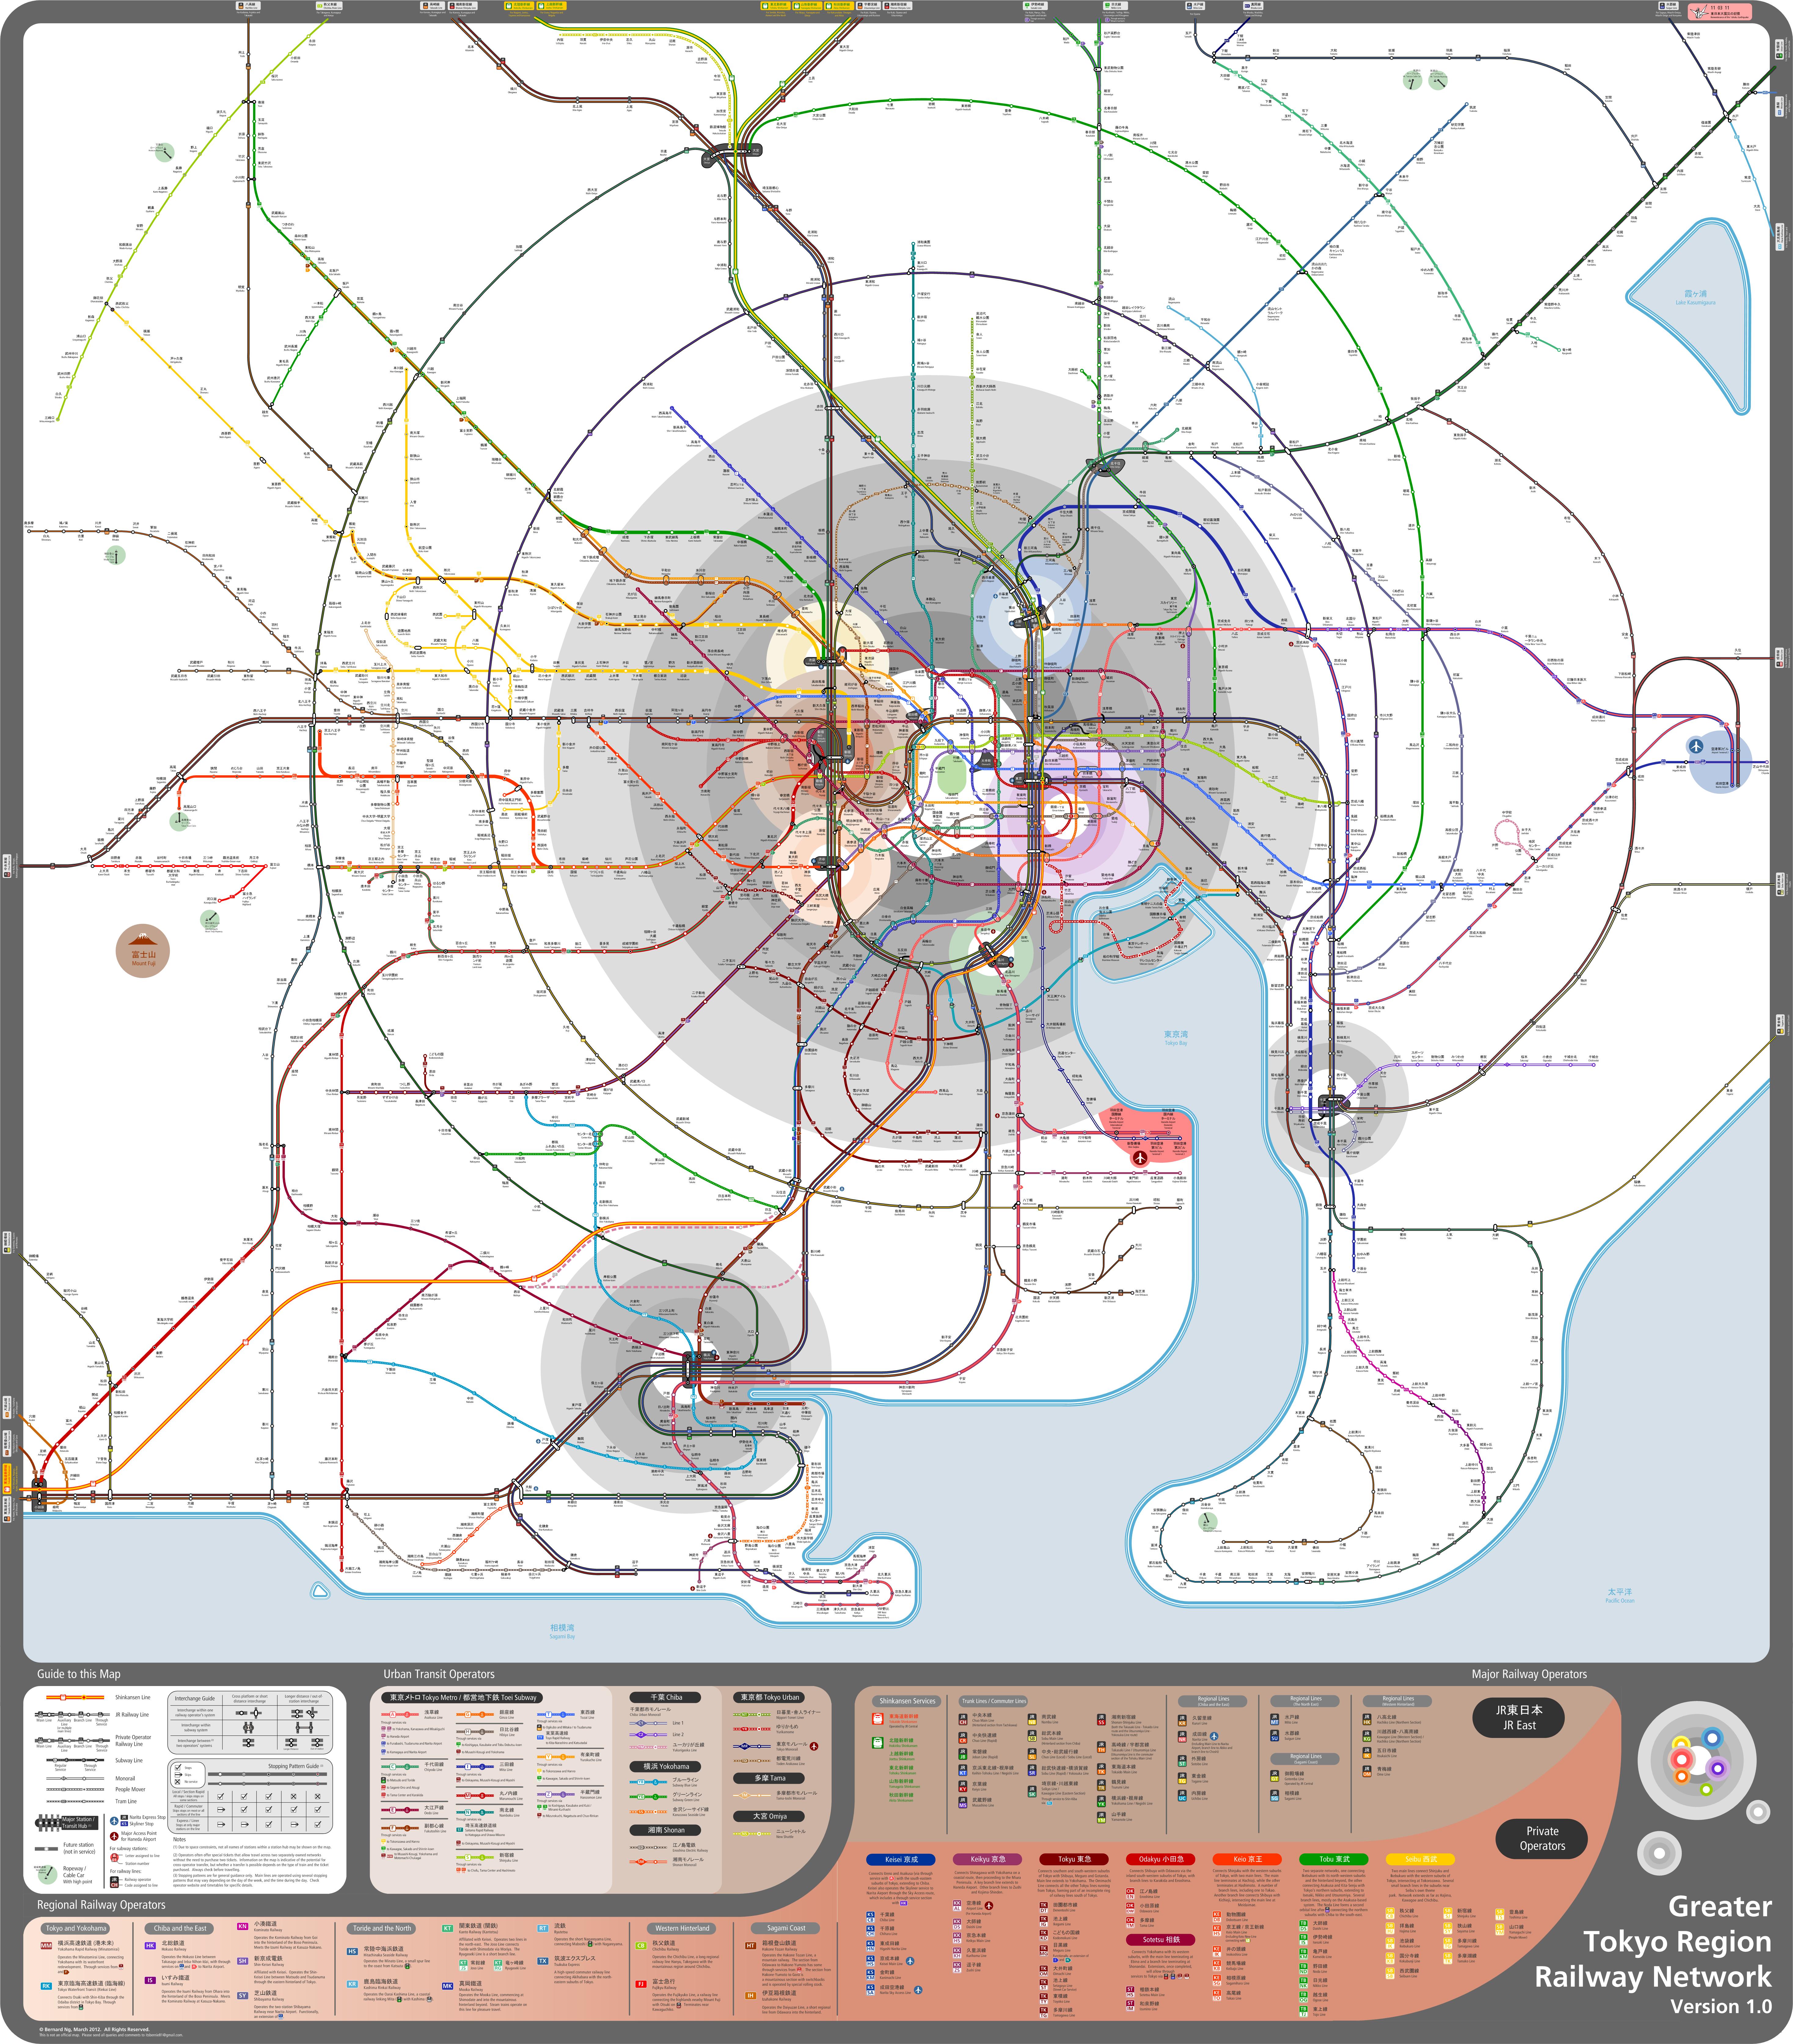 Subway Map Tokyo English.Tokyo Train And Subway Guide